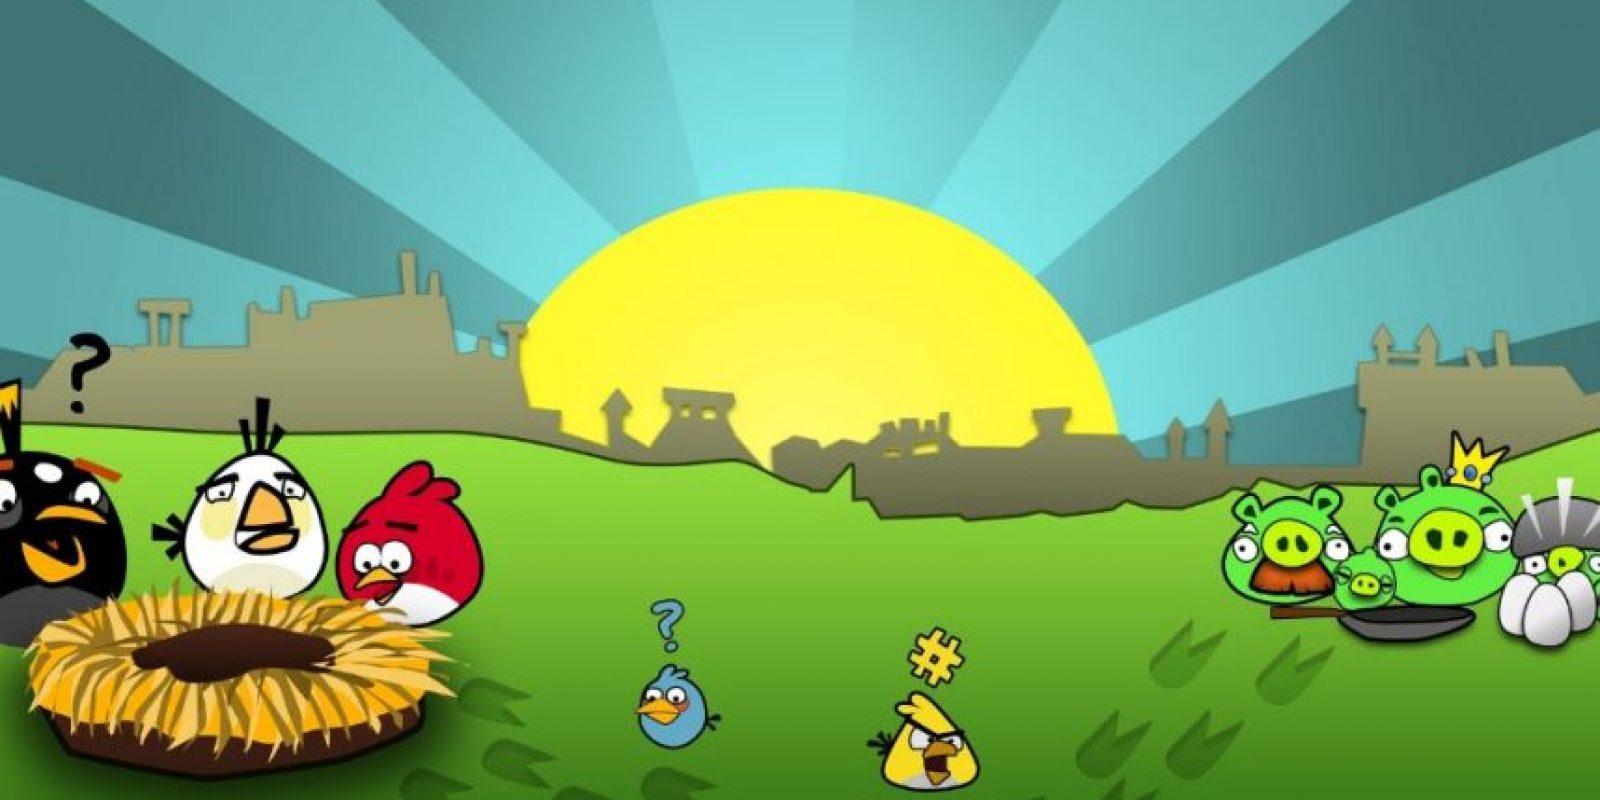 La misión consistía en eliminar a los cerdos verdes utilizando a los pájaros como una especie de balas debido a que se habían robado sus huevos. Fue el juego más descargado para Android. Foto:Rovio